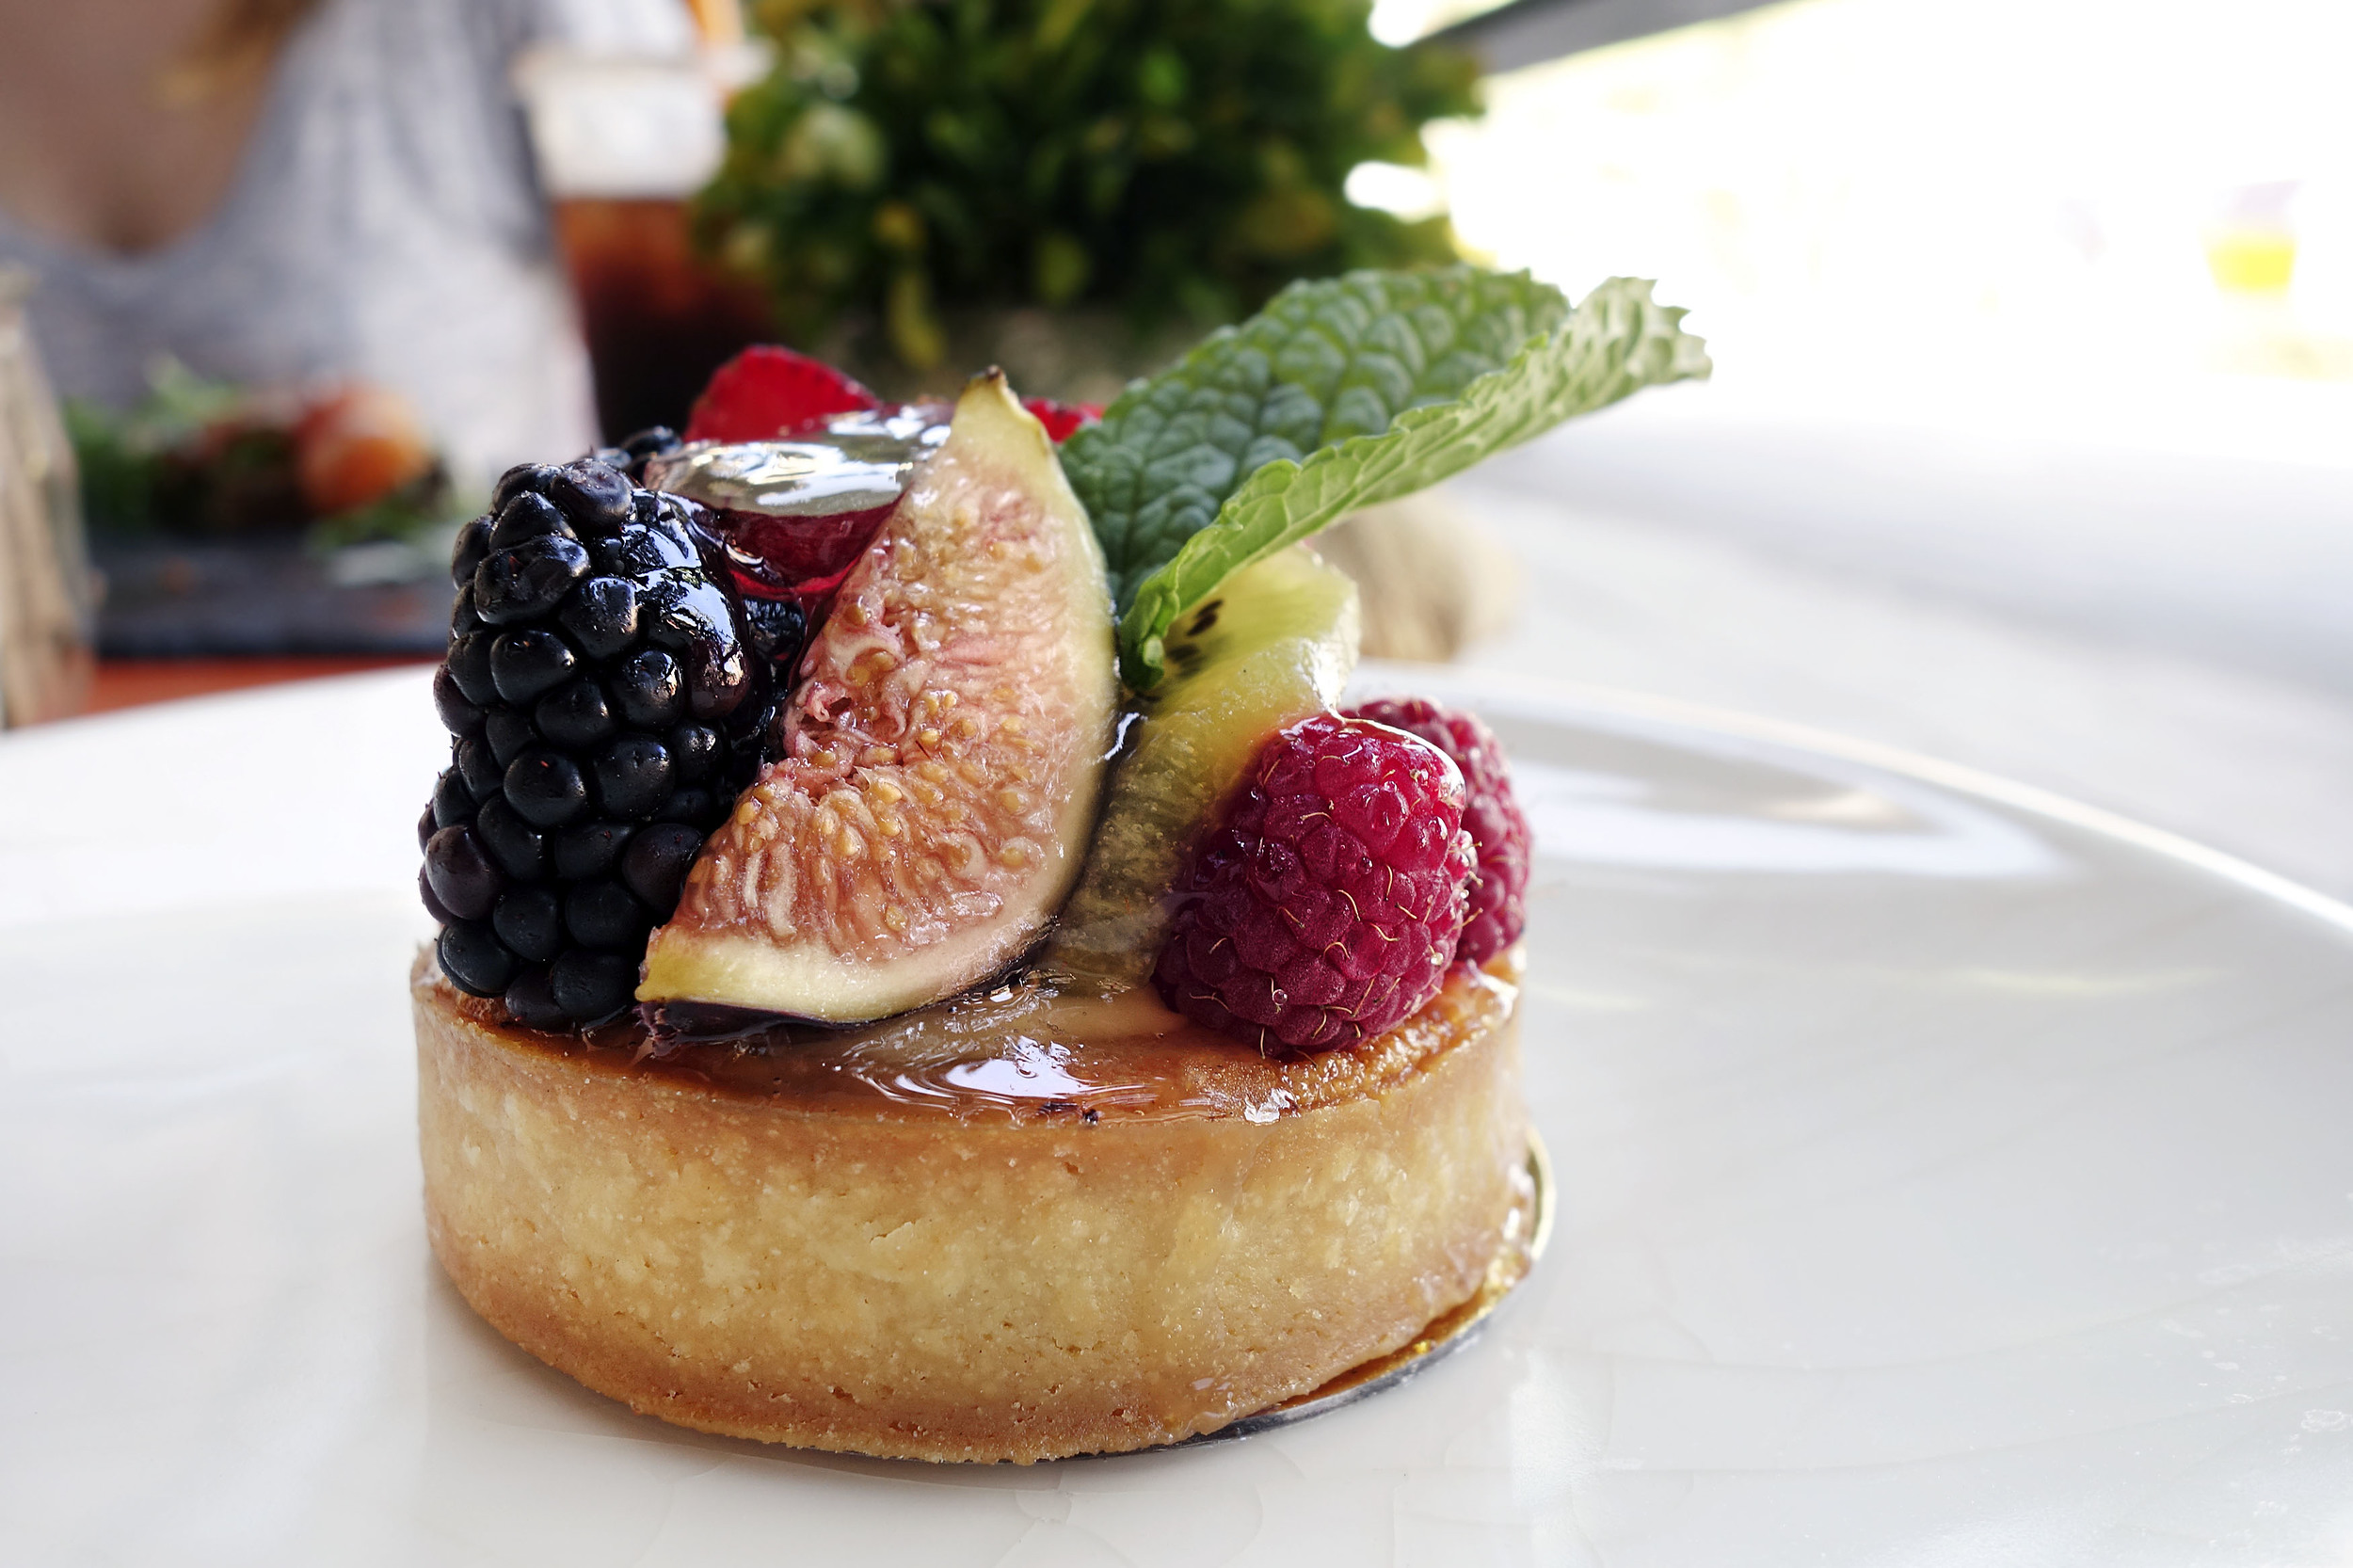 Mixed Berry Fruit tart